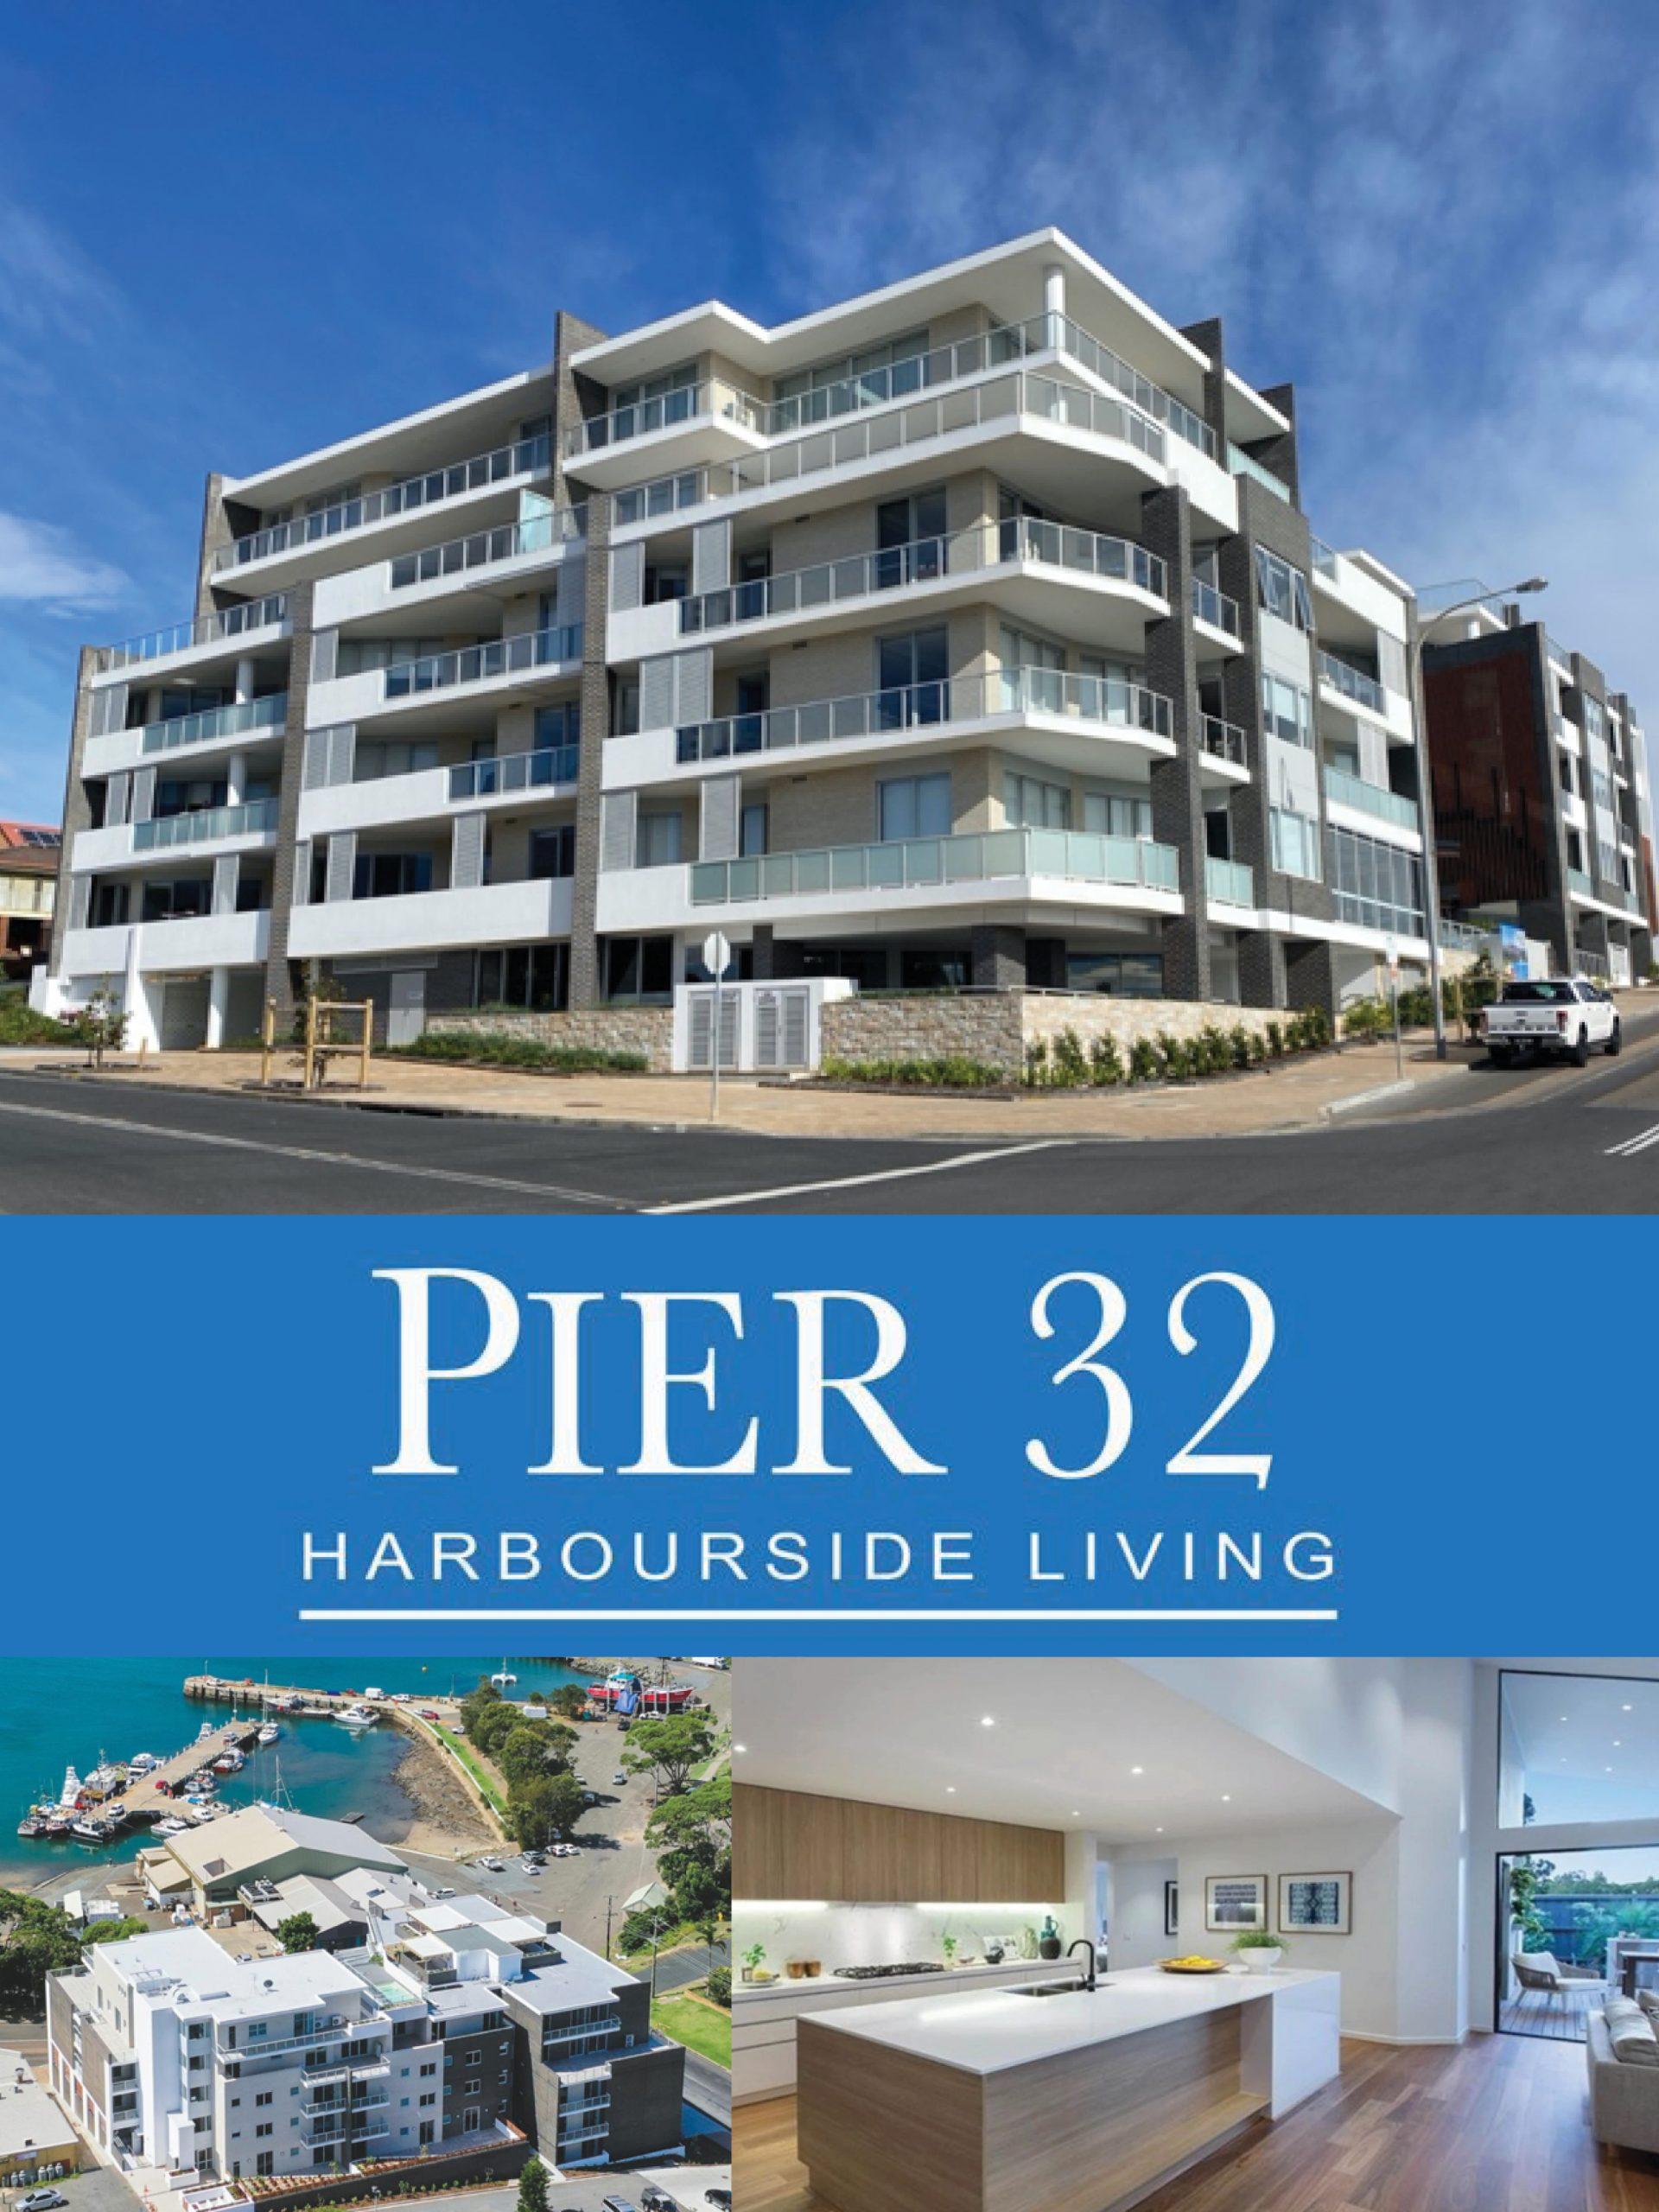 2021_pier32 BLOG Feature Image